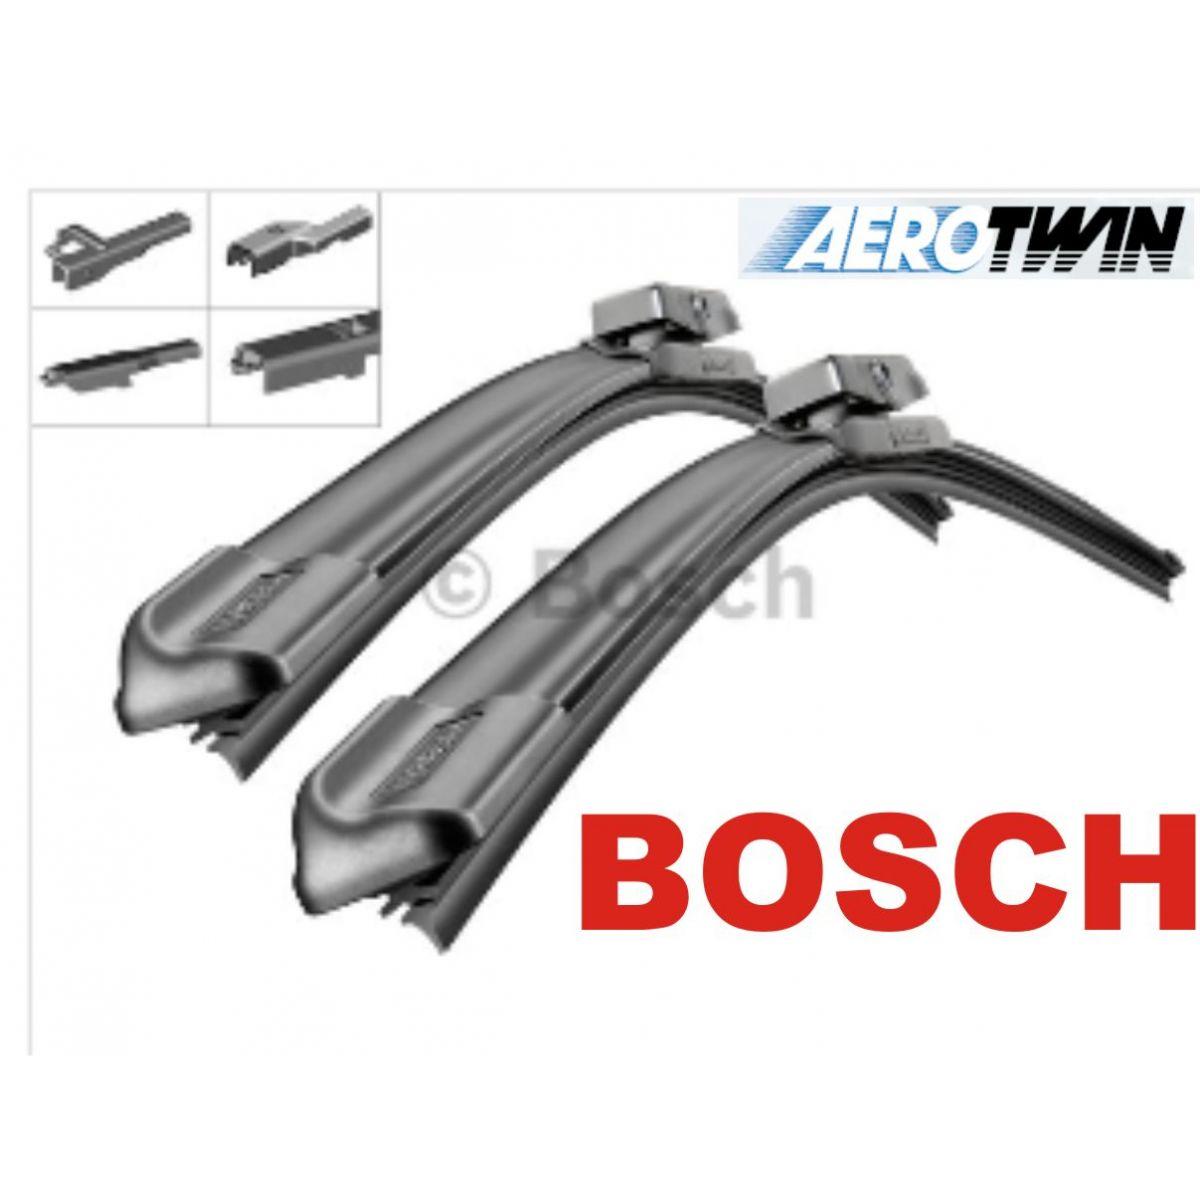 Palheta Bosch Aerotwin Plus Limpador de para brisa Bosch Série 7 [F 01], Série 7 [F 02] 2008 em diante